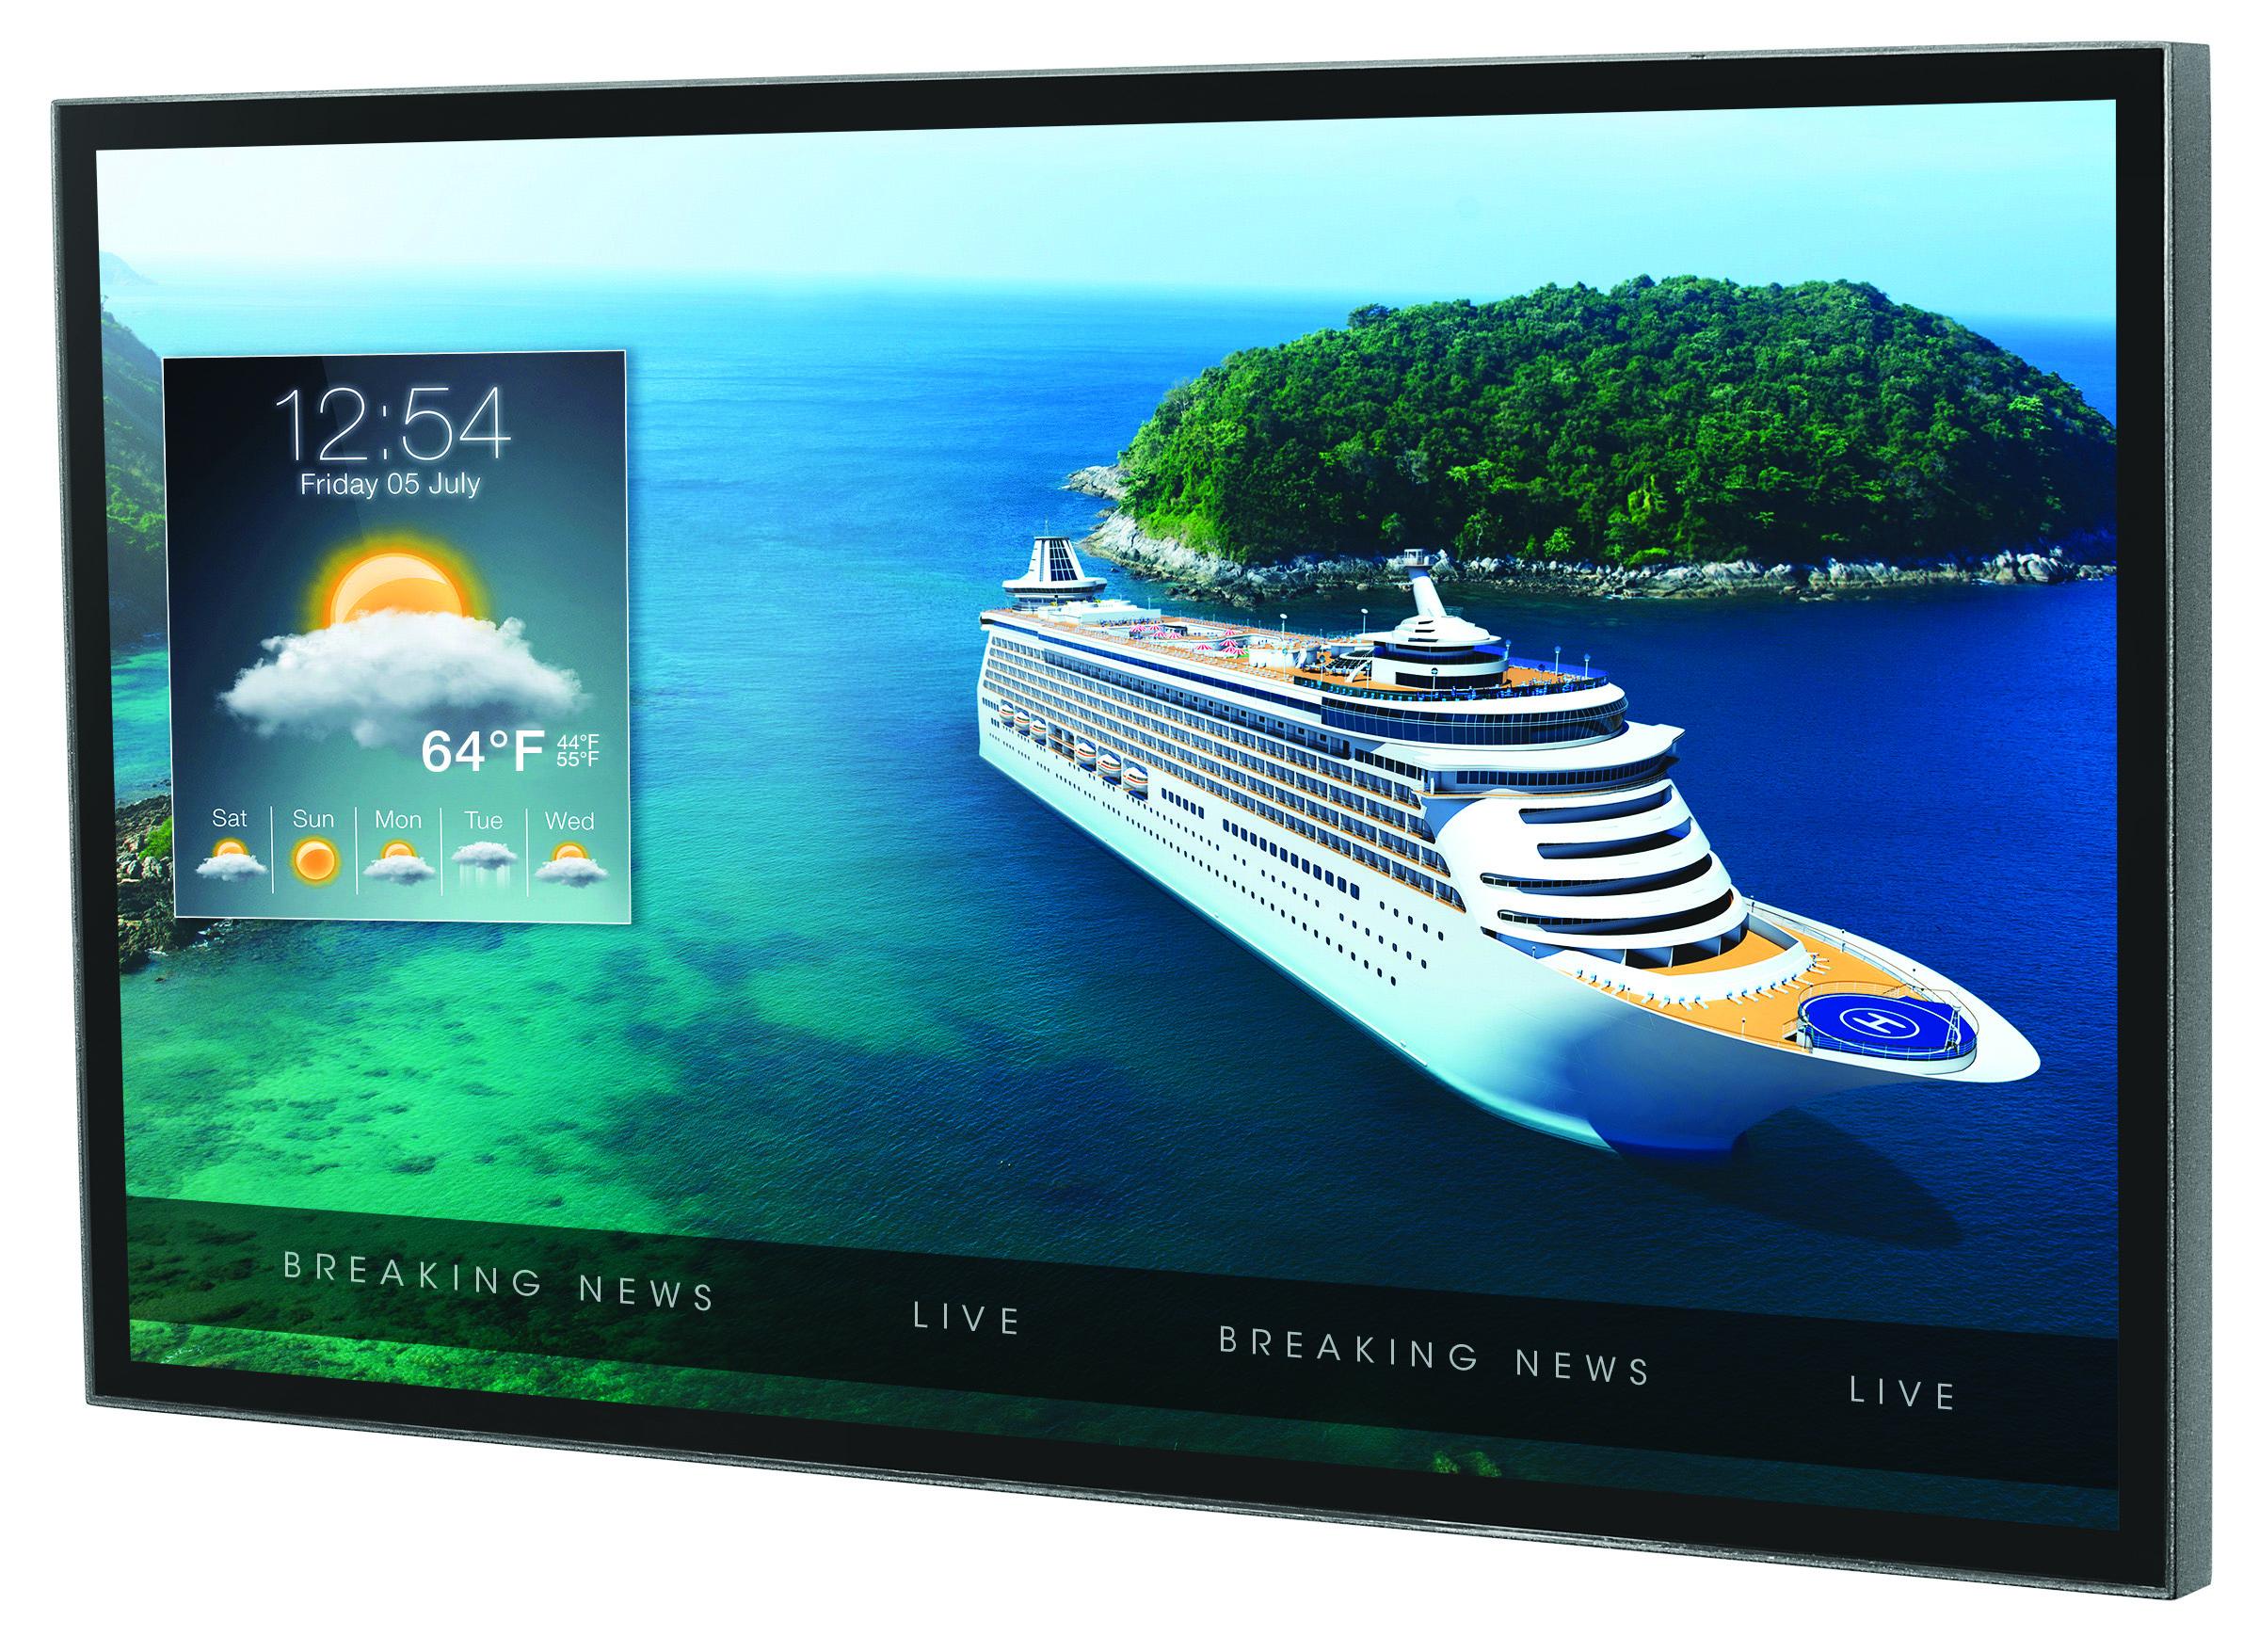 Une gamme de quatre tailles d'écrans pour l'affichage en intérieur et en extérieur. / crédit photo Peerless AV